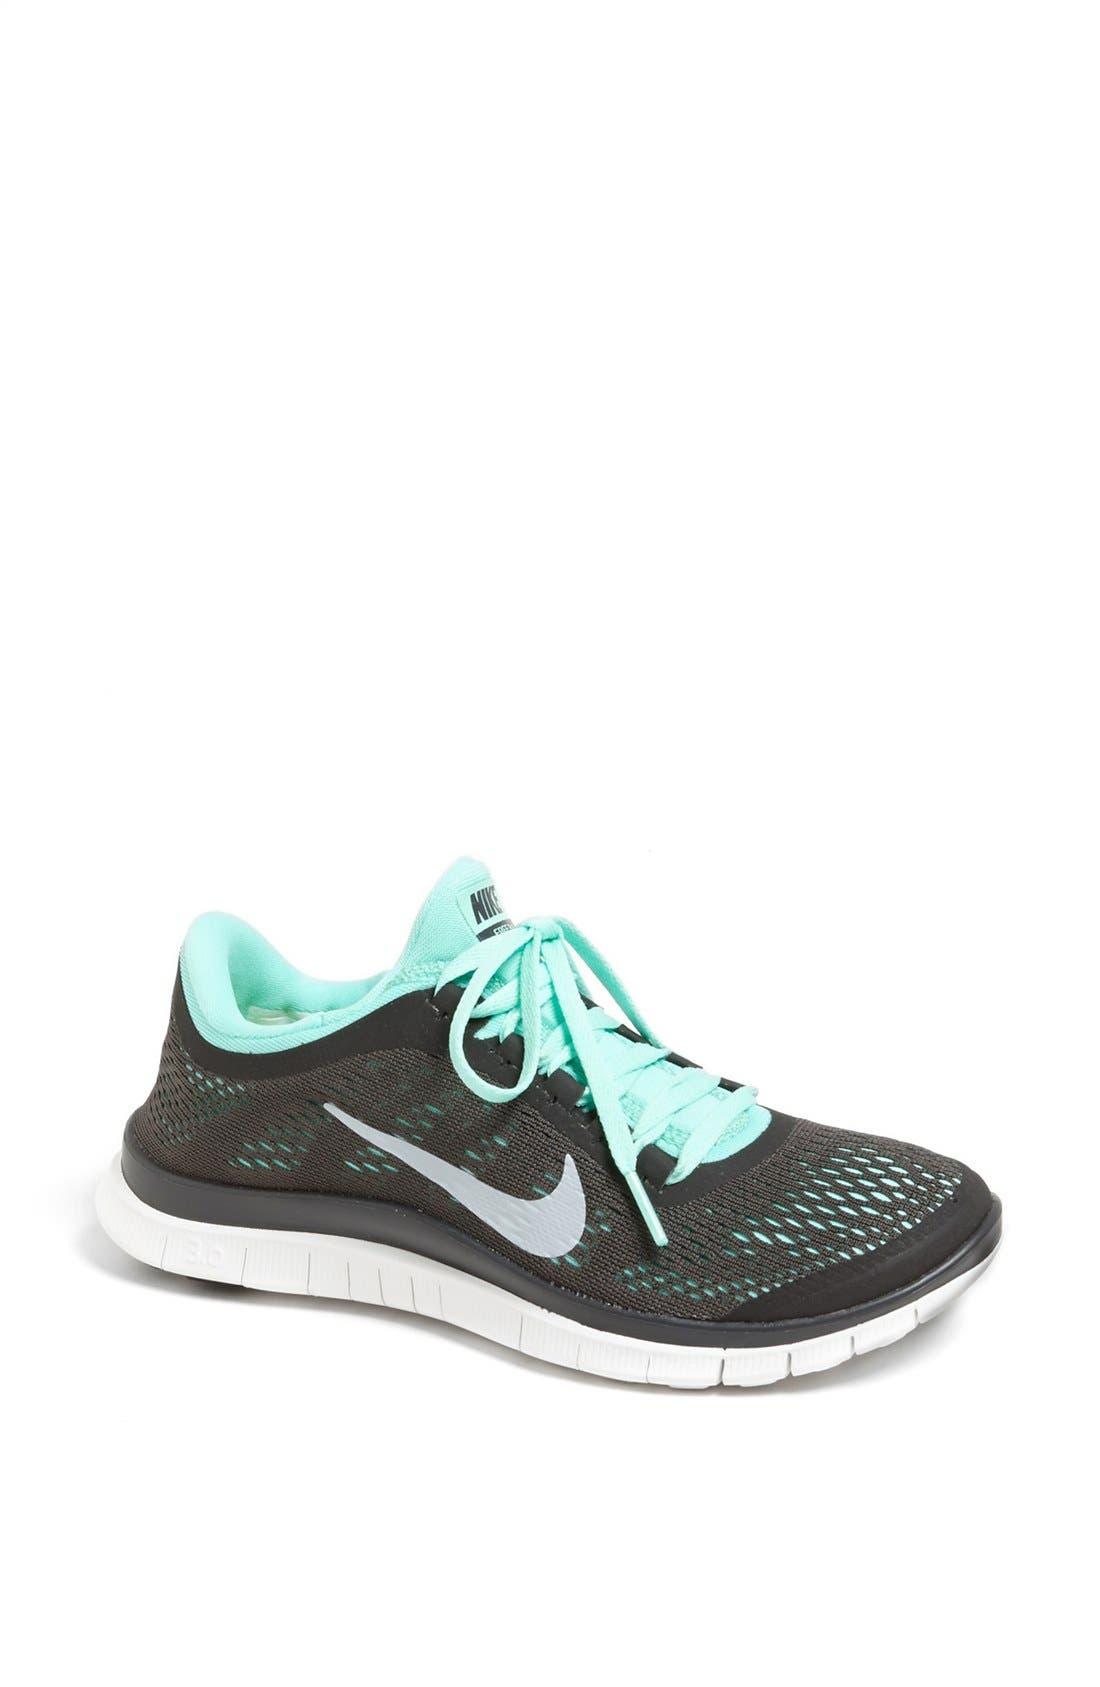 Alternate Image 1 Selected - Nike 'Free 3.0 v5' Running Shoe (Women)